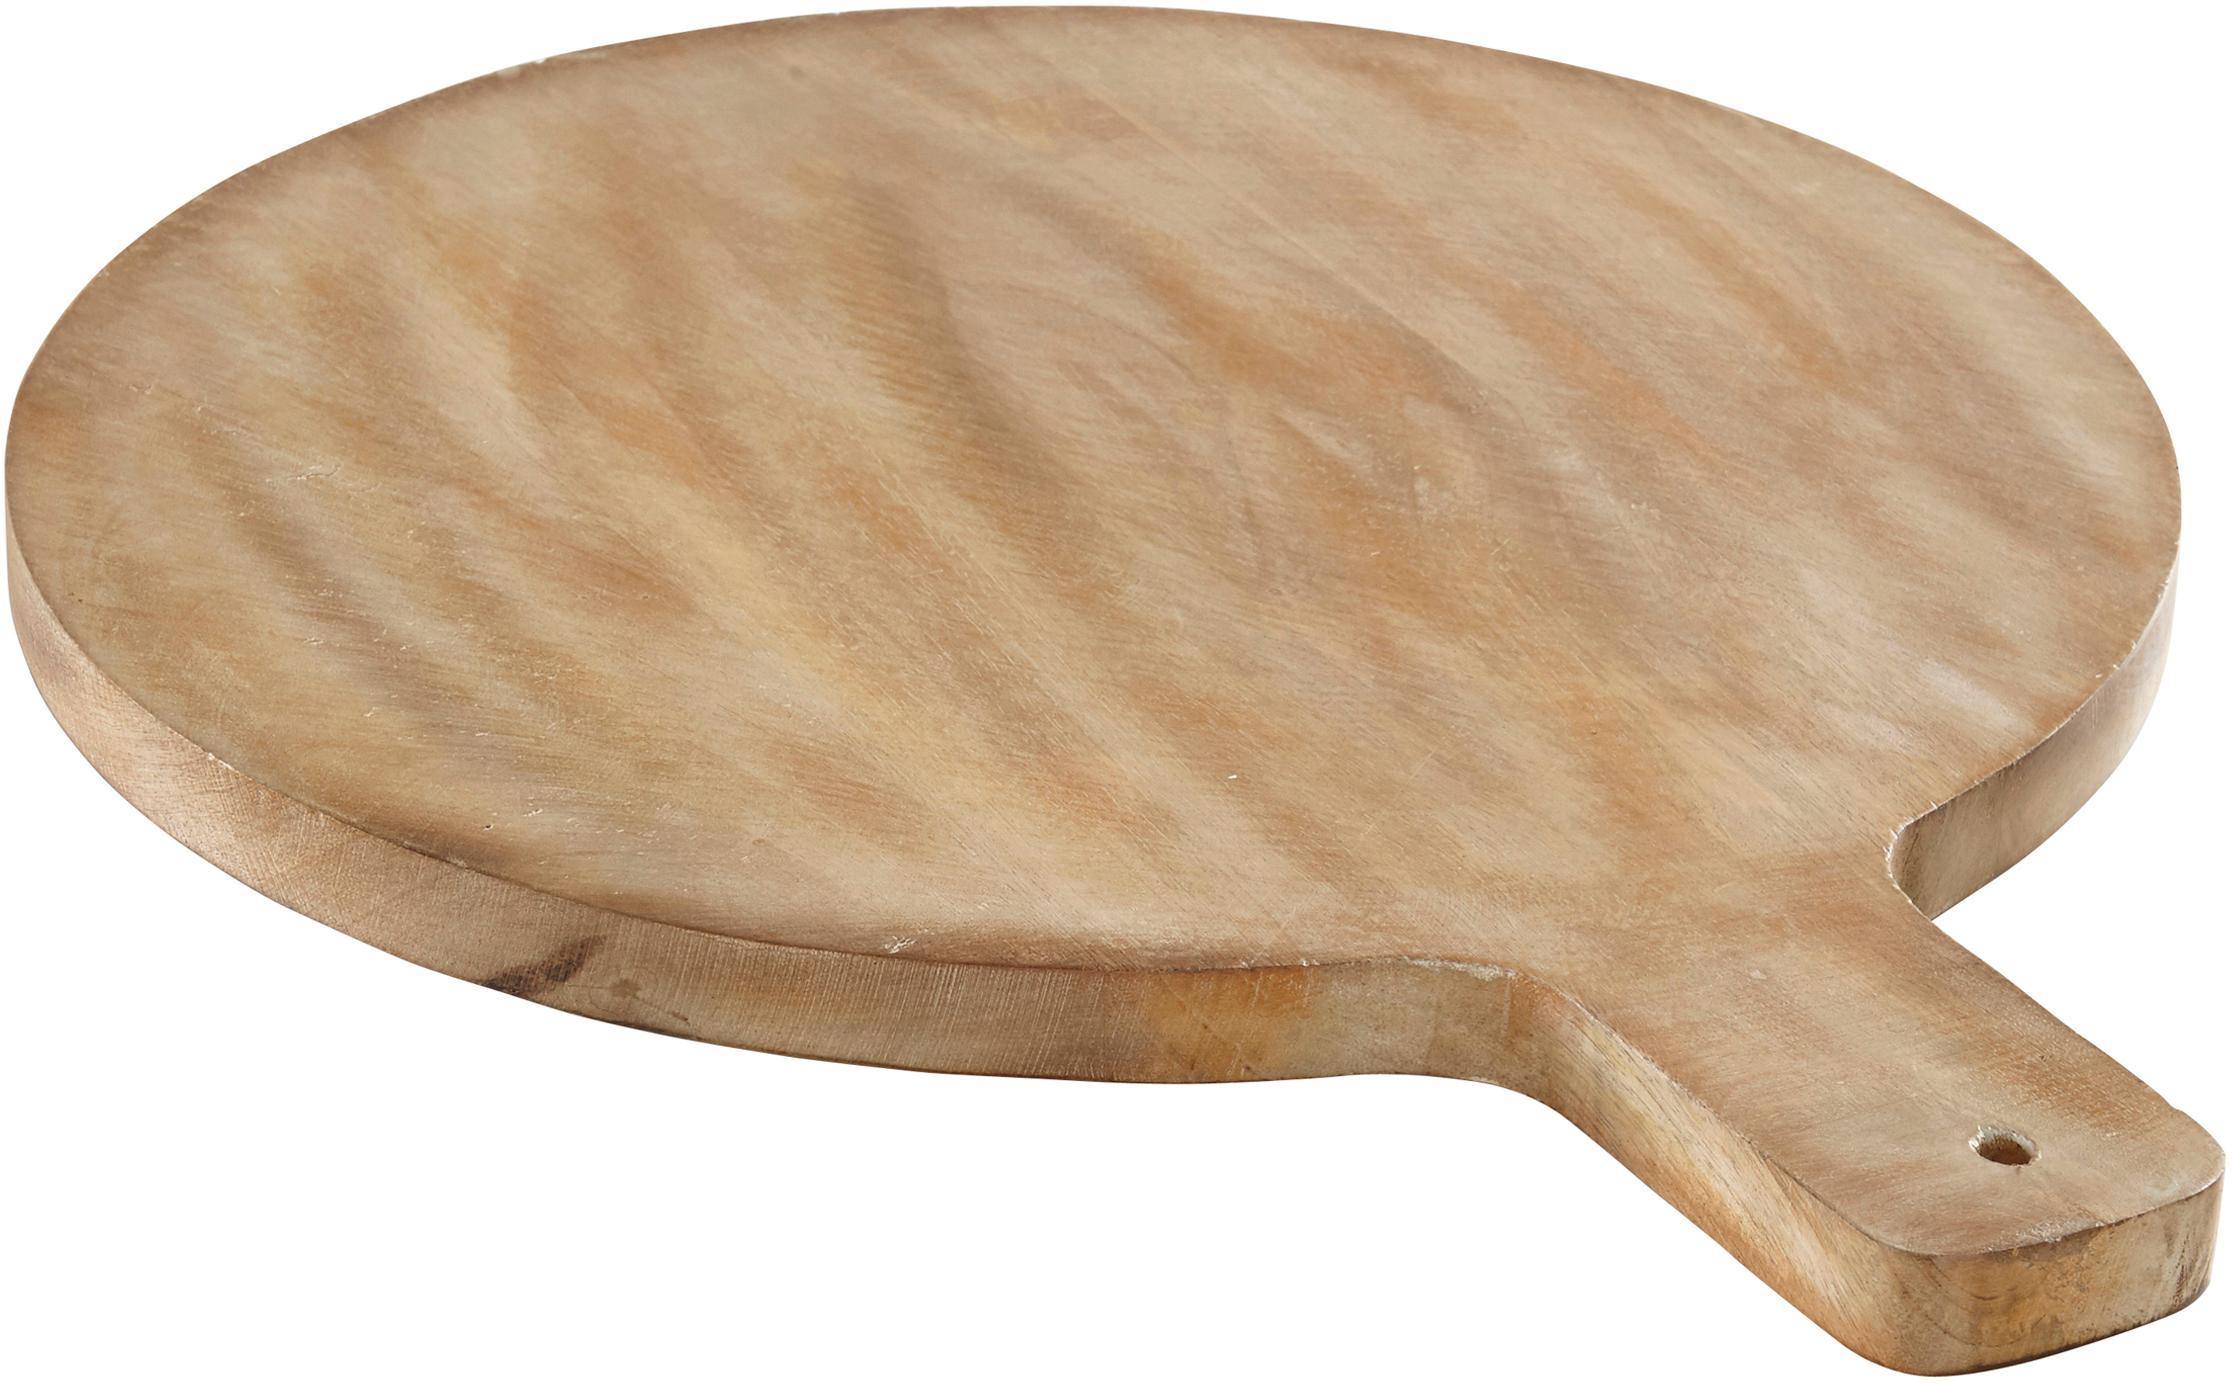 Akazienholz Schneidebrett Melker, Akazienholz, Akazienholz, B 58 x T 46 cm